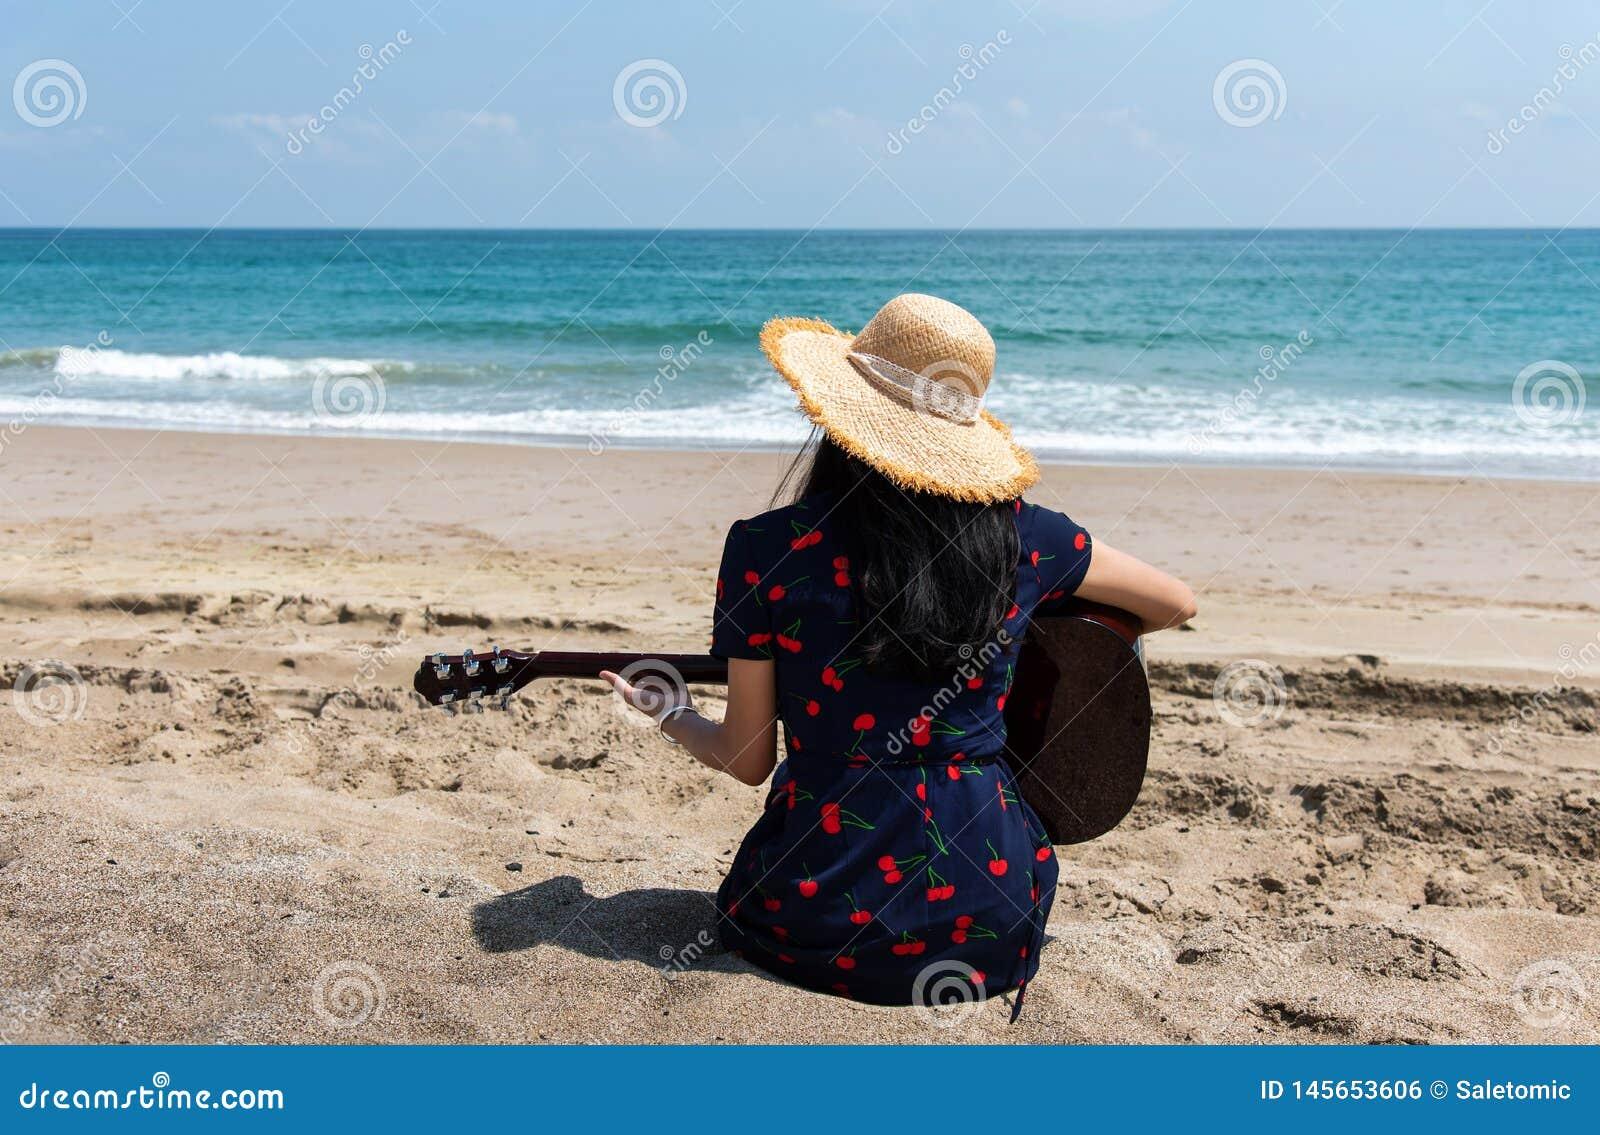 Dziewczyna bawi? si? gitar? na pla?y